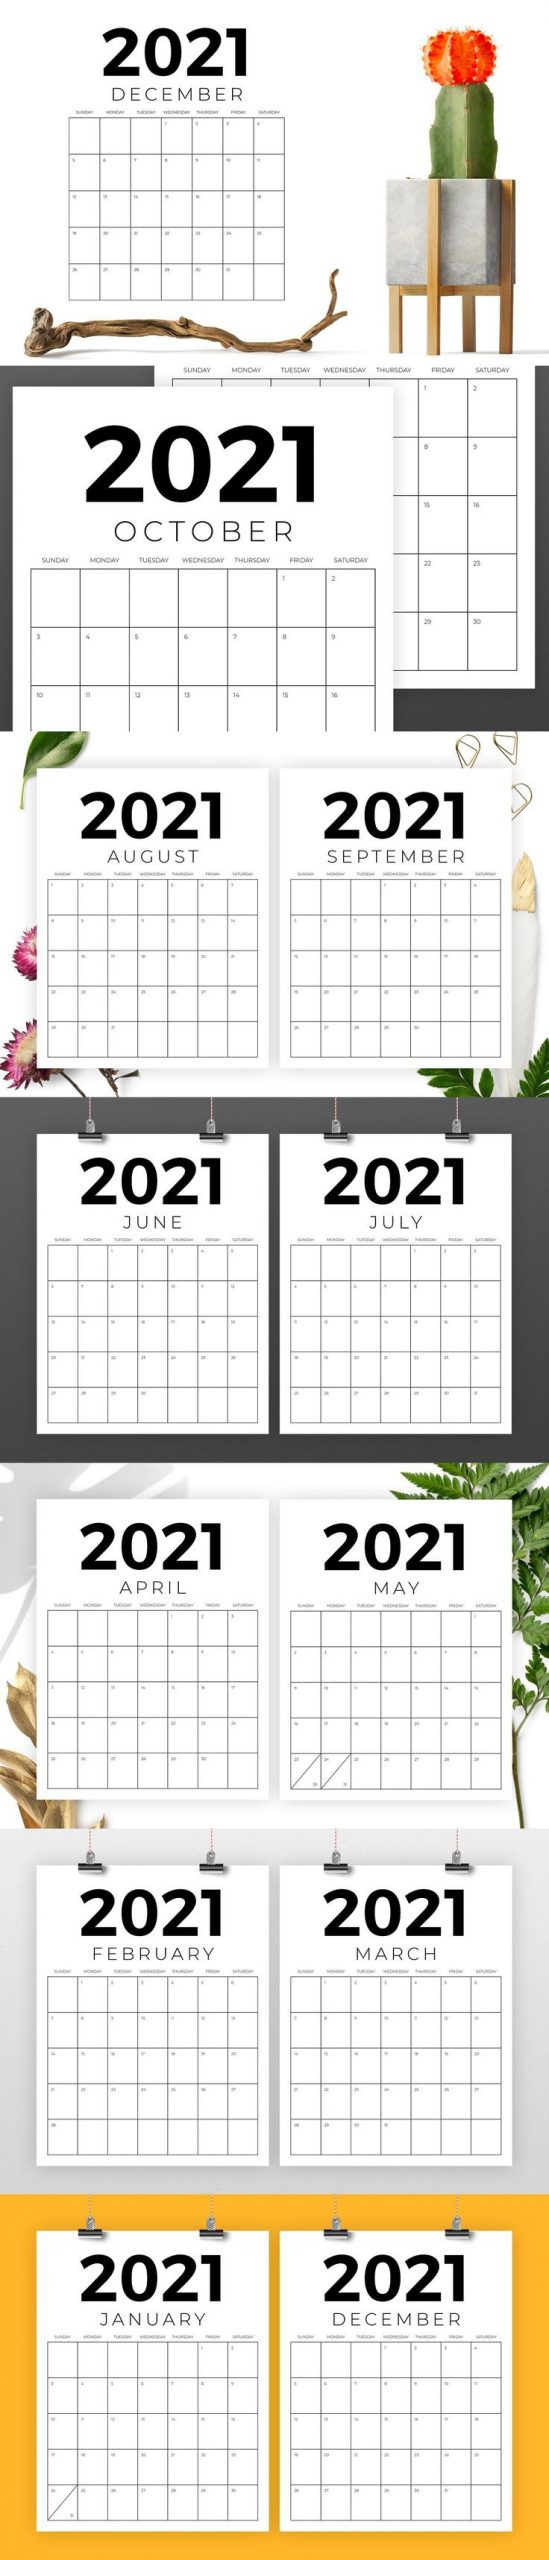 Vertical 8 5 X 11 Inch 2021 Calendar In 2020 2021